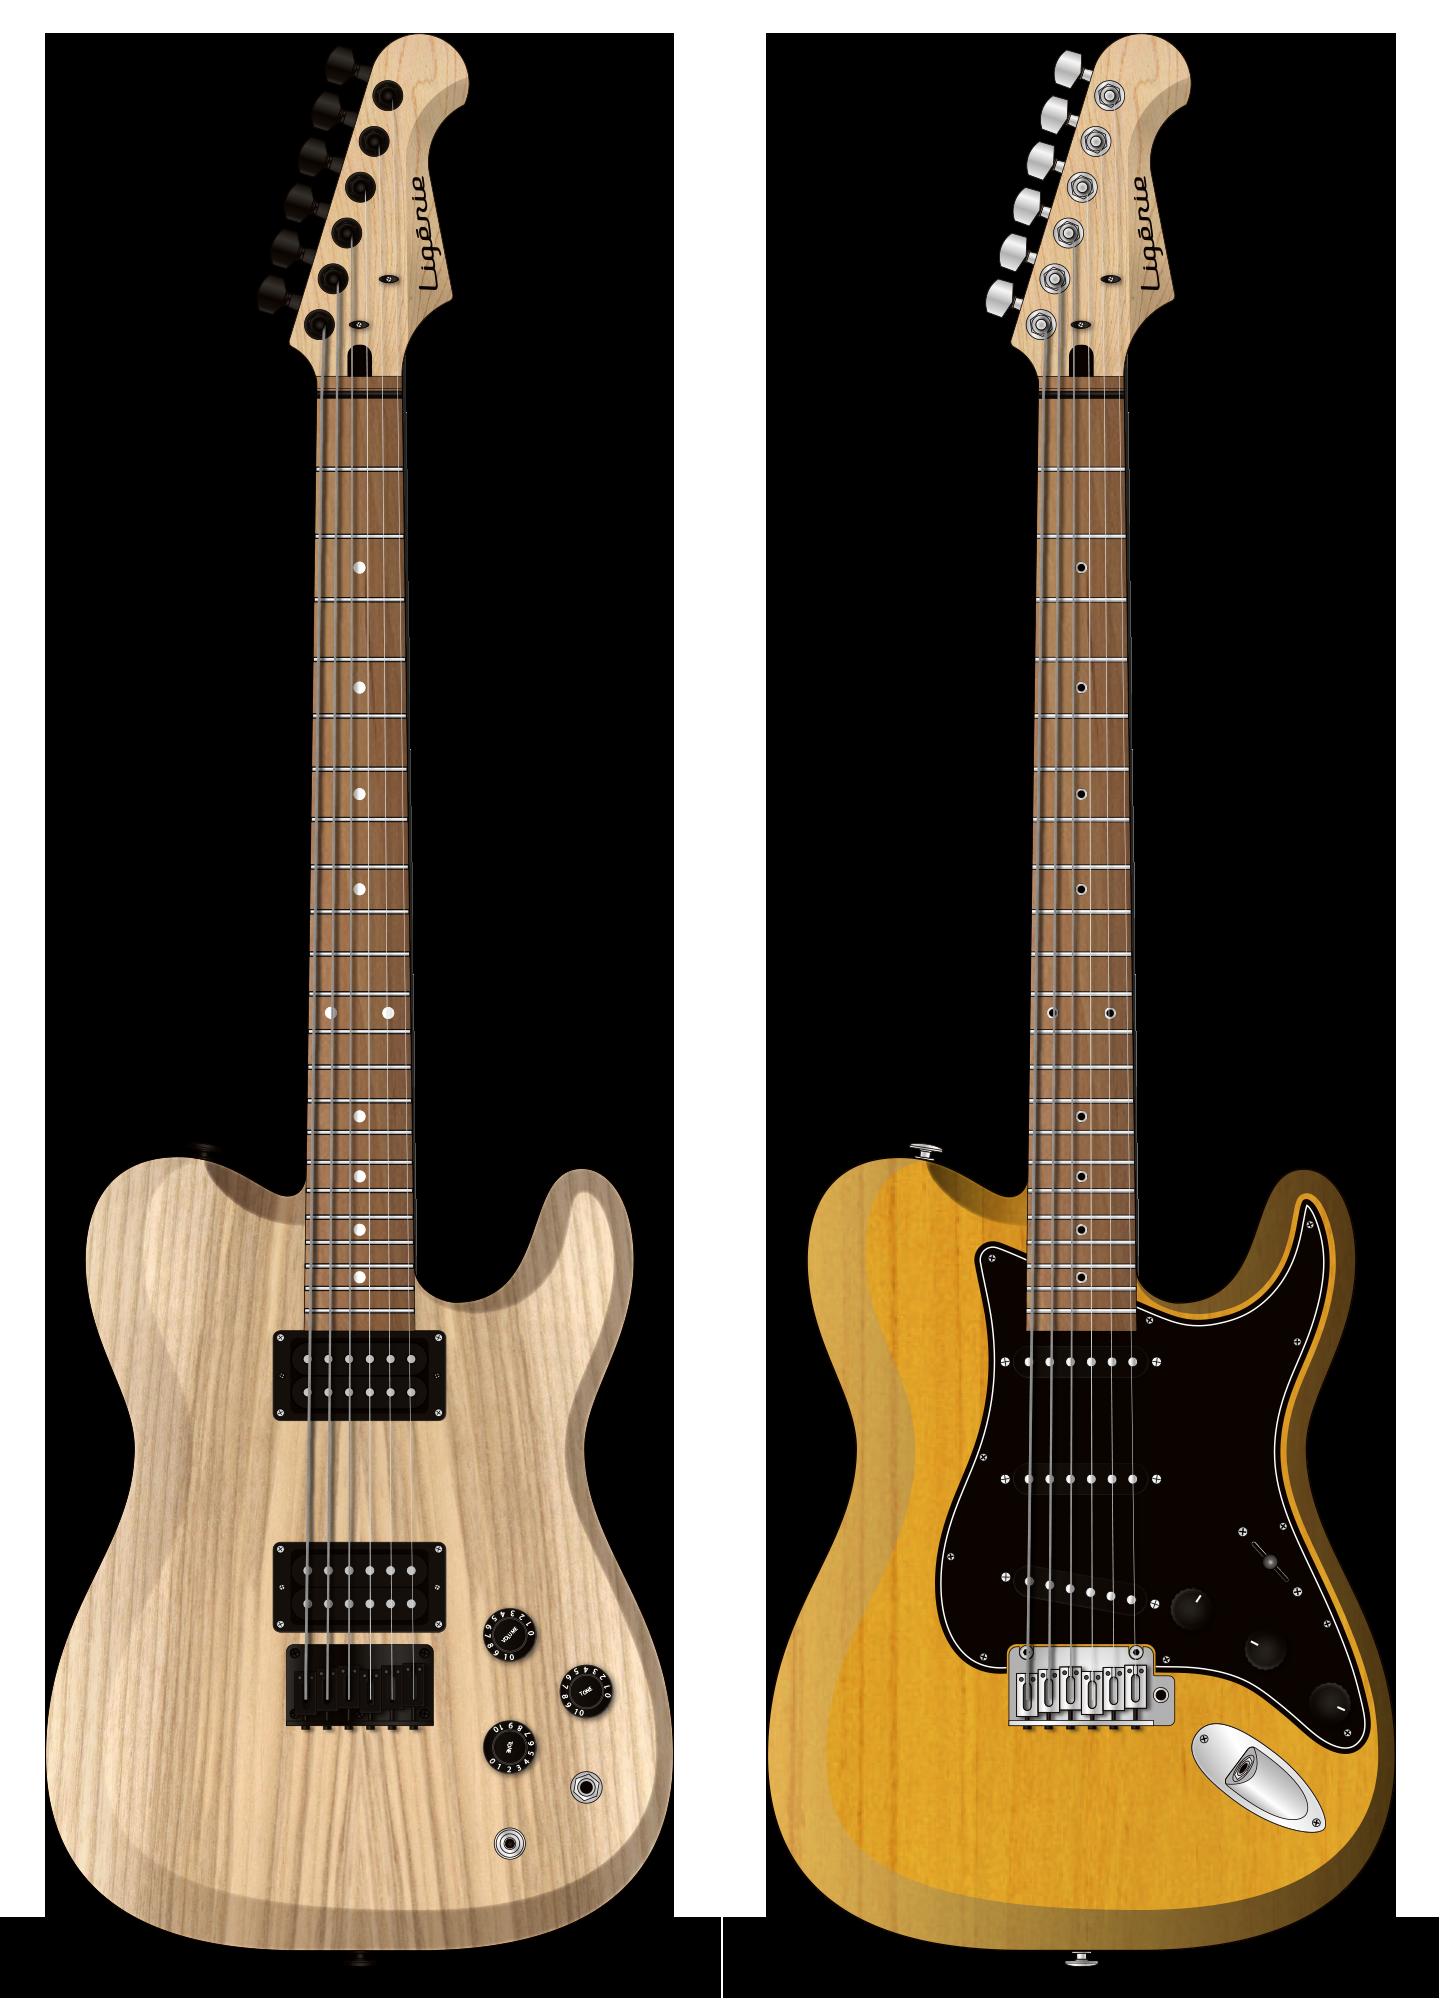 guitares électriques made in France Ligérie Othello